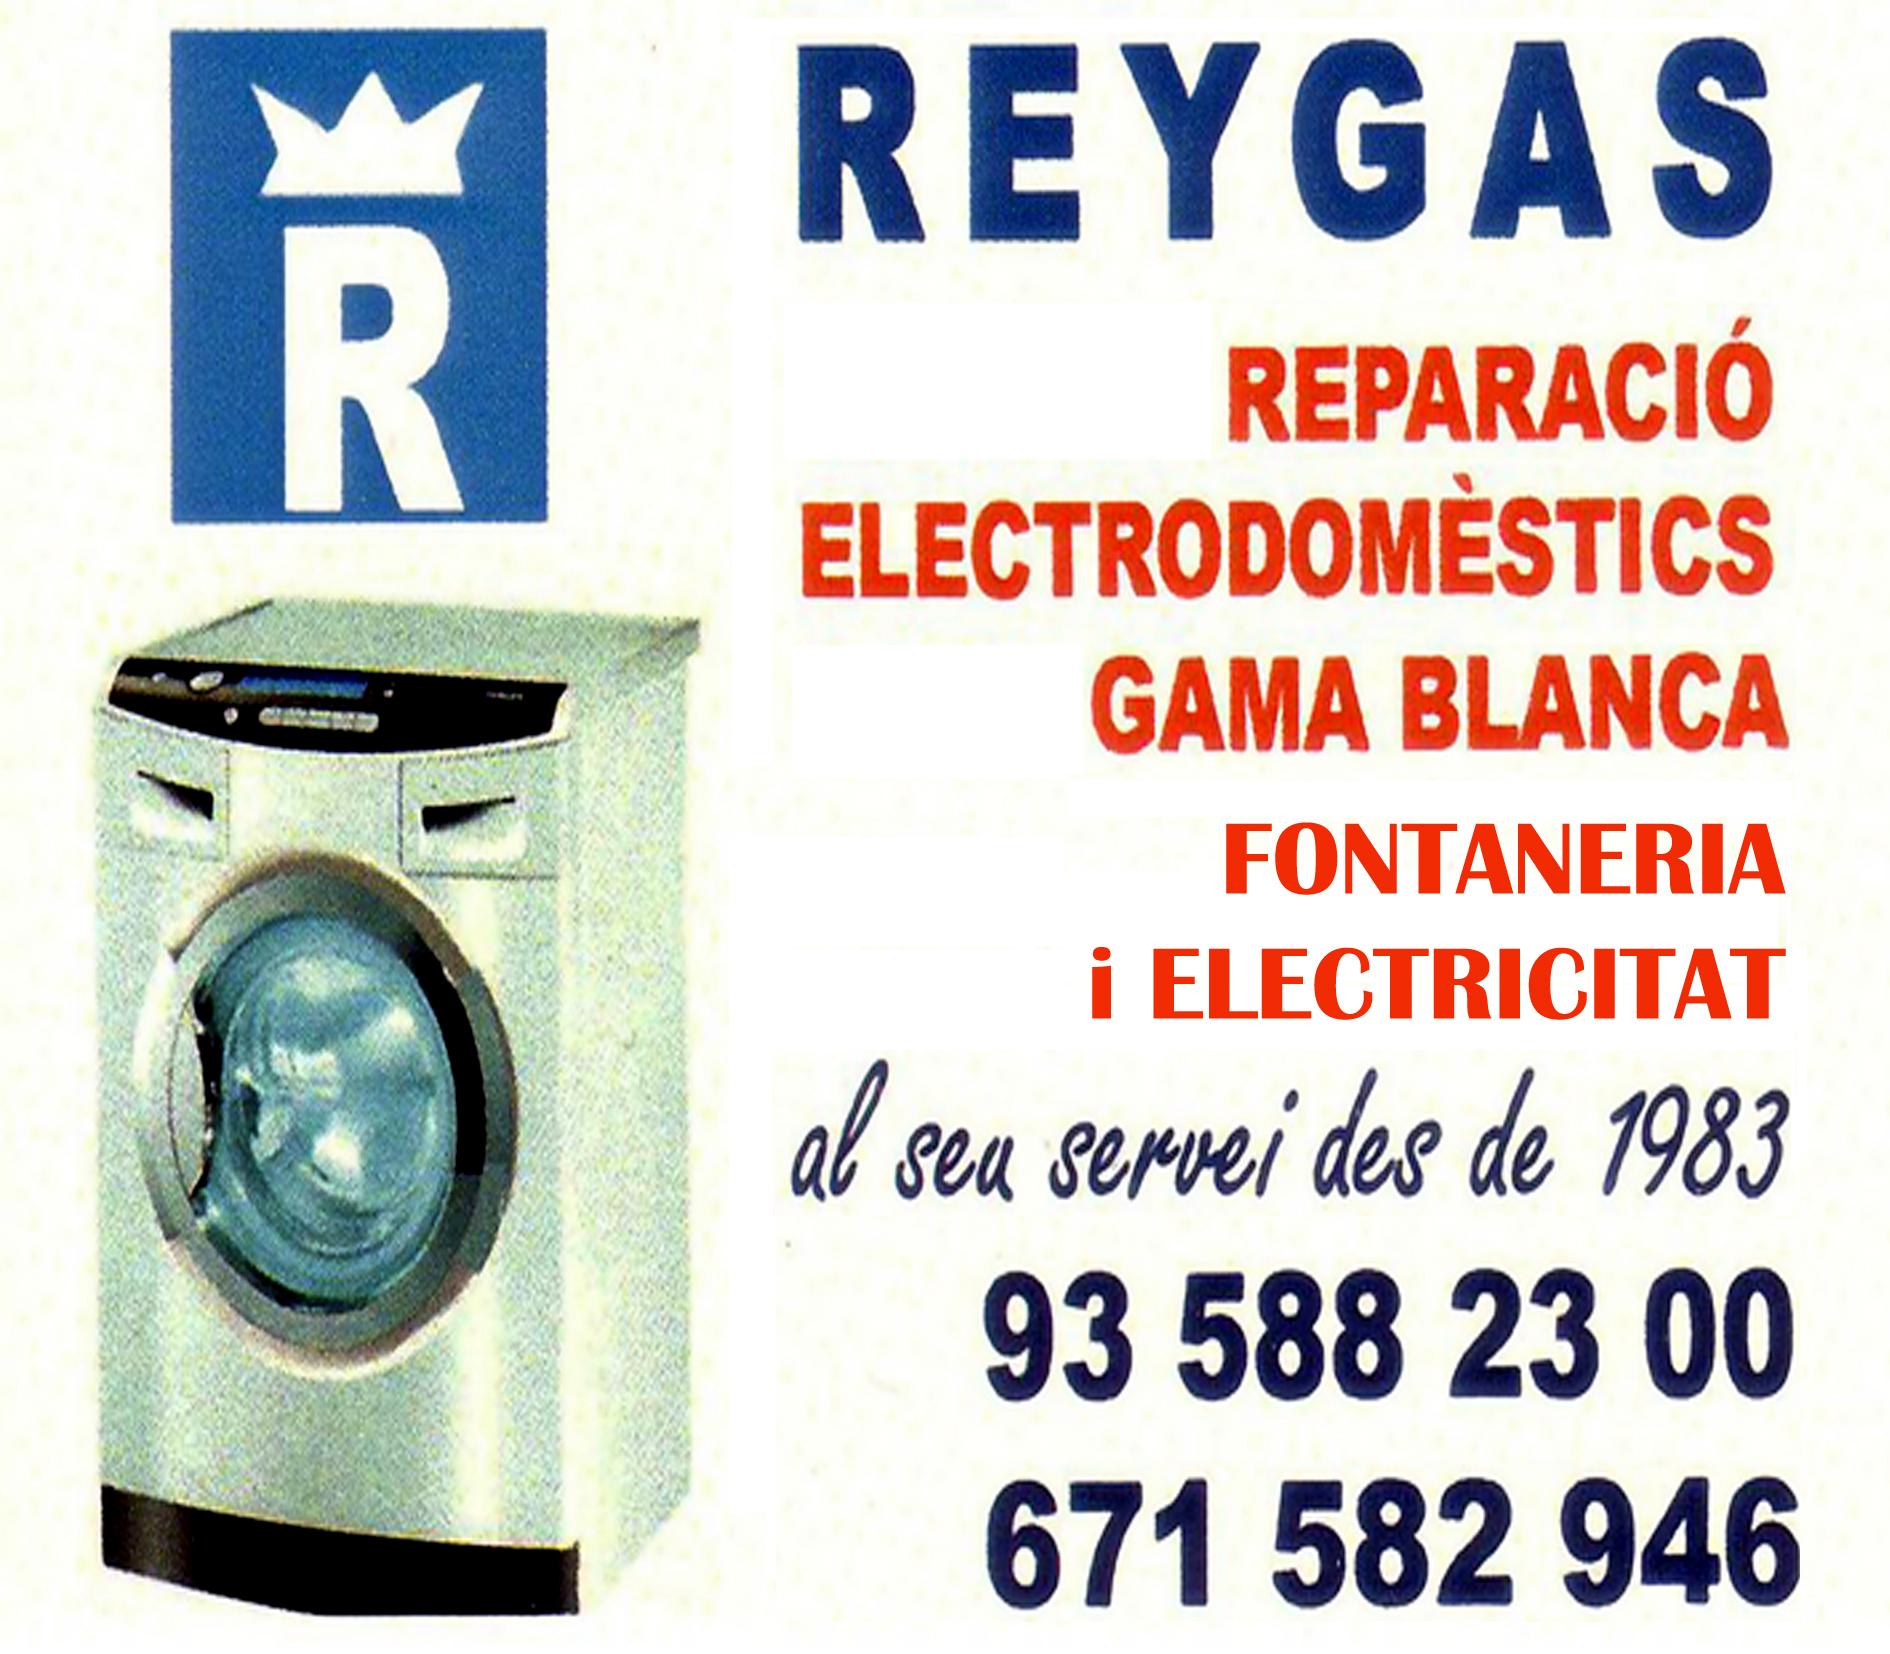 Reygas Electrodomesticos